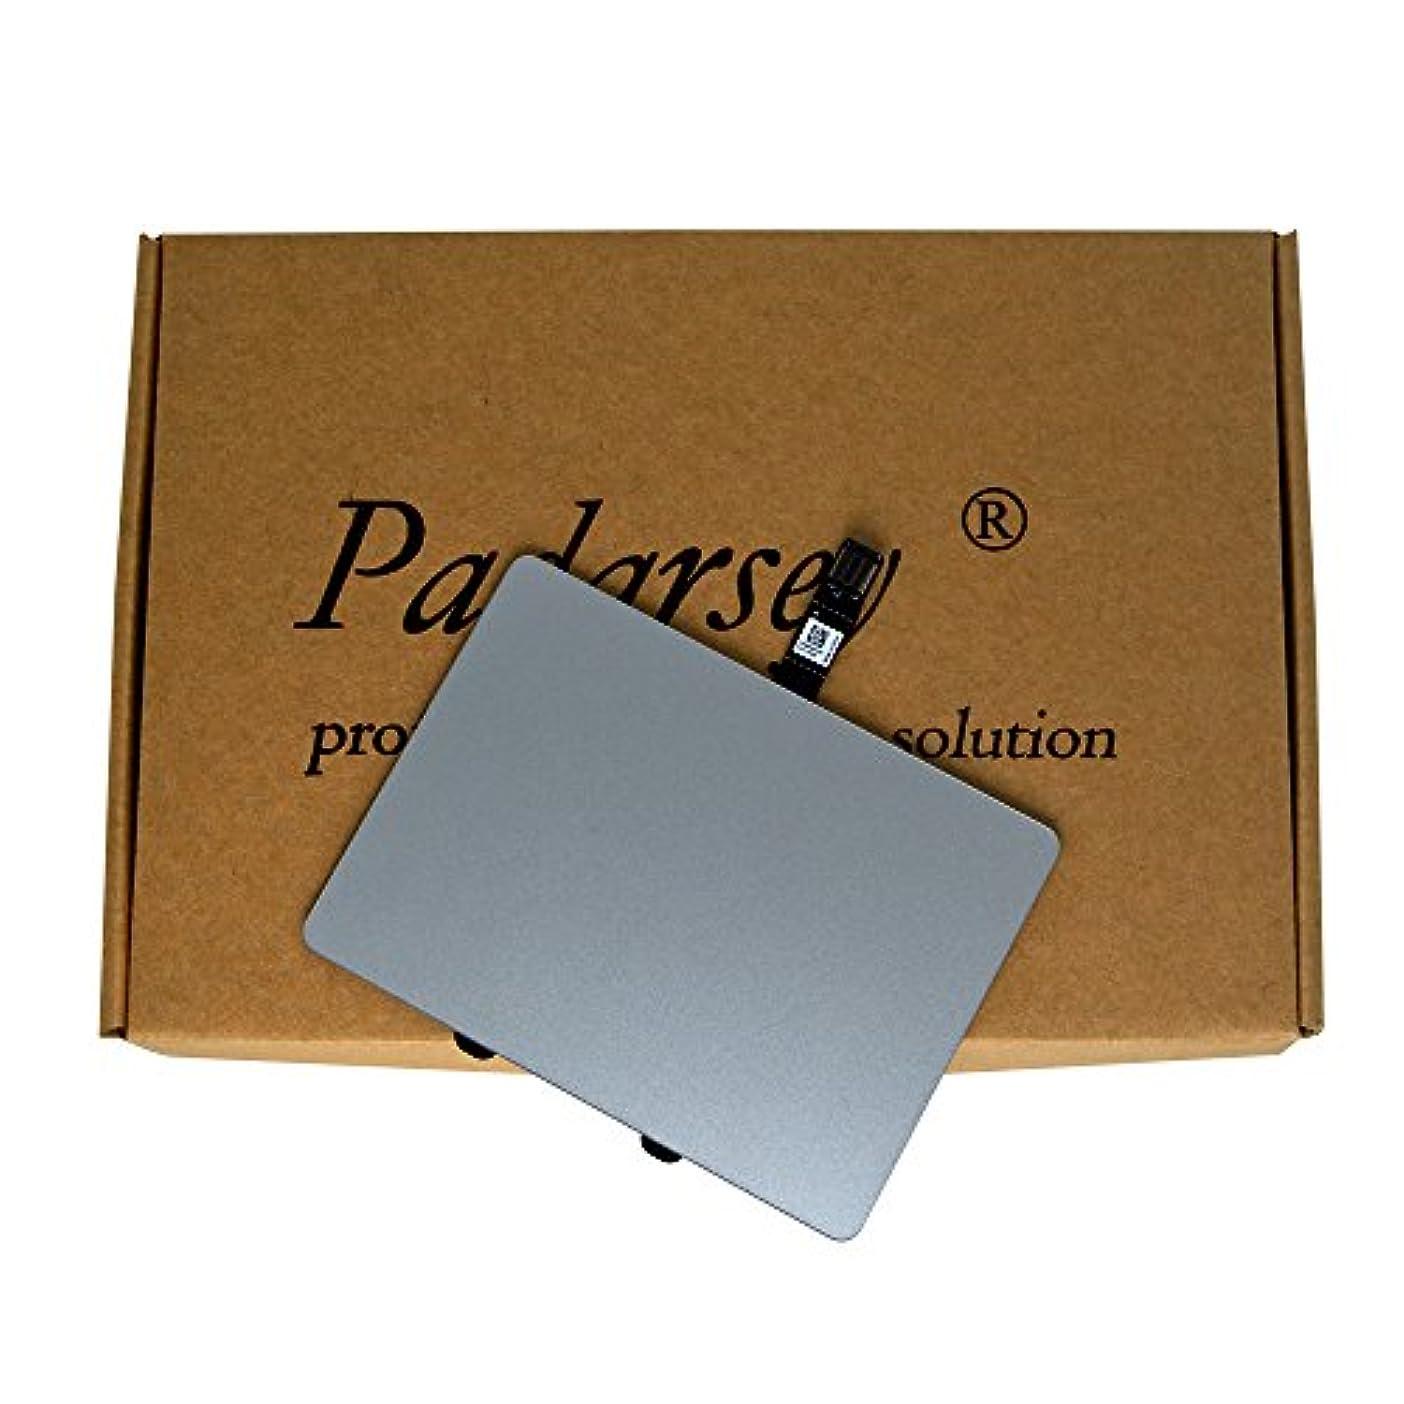 フィヨルドブラウザナンセンスPadarsey トラックパッド MacBook Pro 13 インチ対応 交換用 タッチパッド A1278 Mid 2009-Mid 2012用 922-9063 922-9525 922-9773